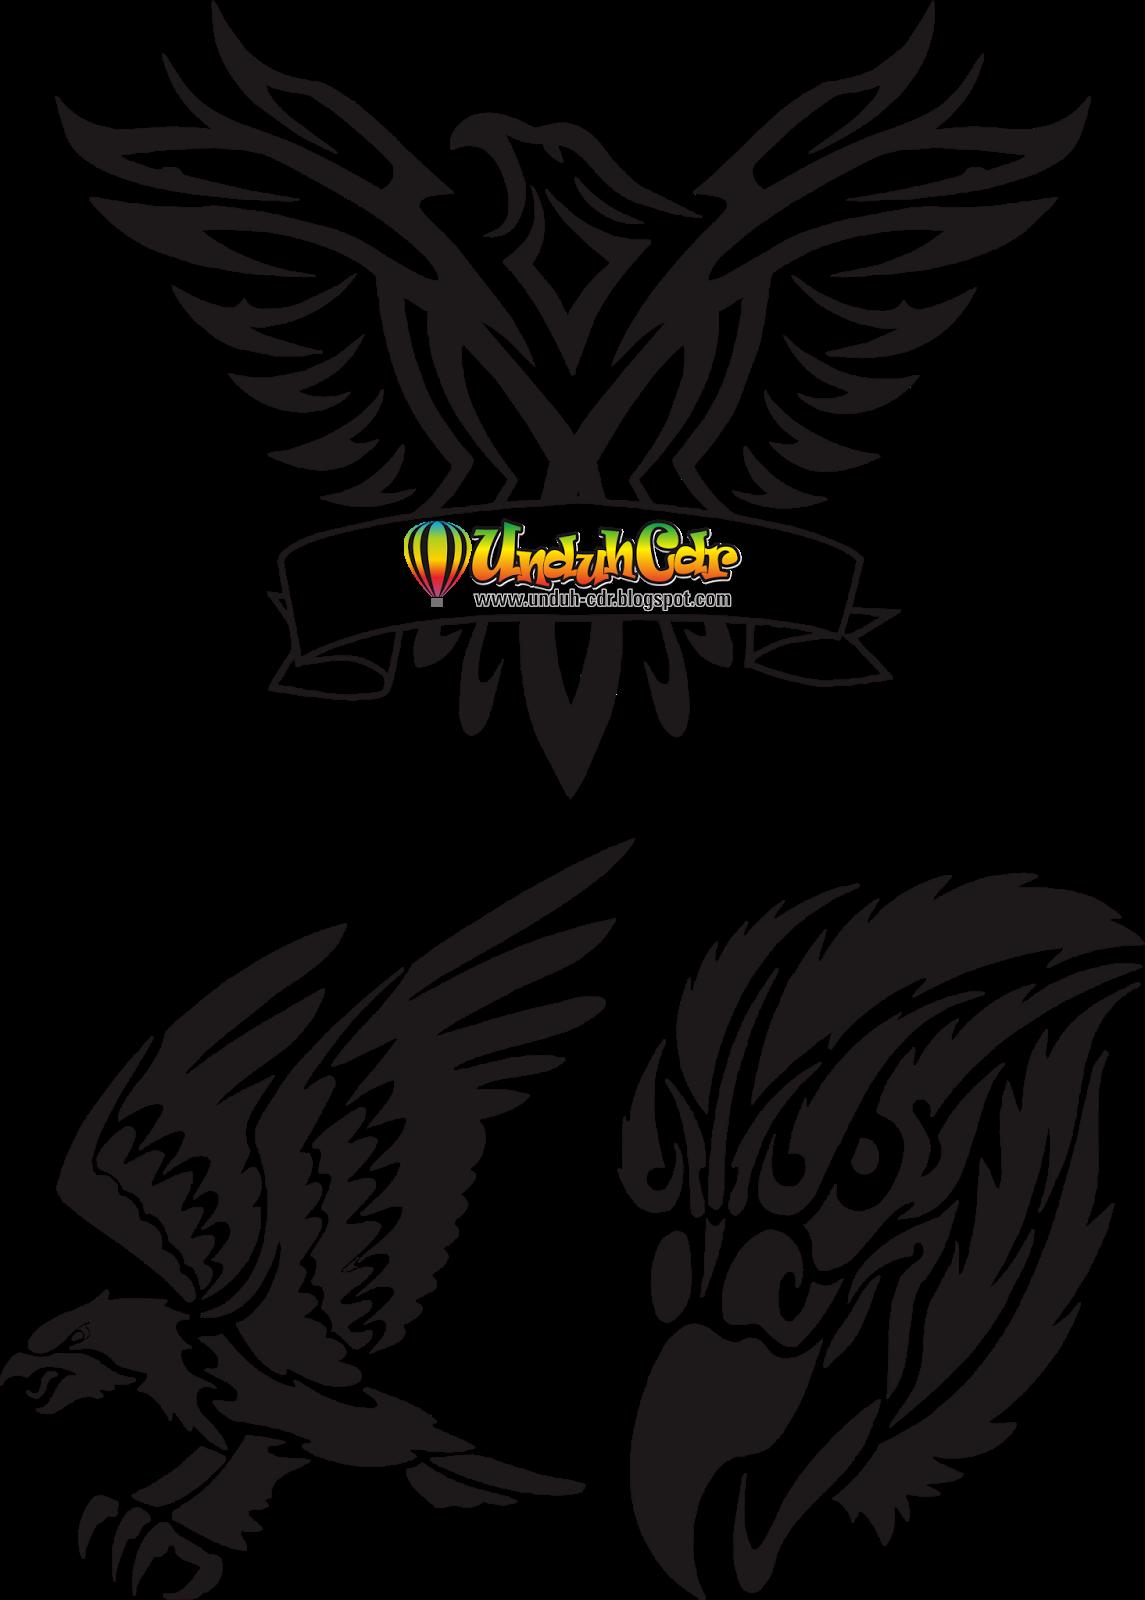 Gambar Burung Elang Untuk Logo